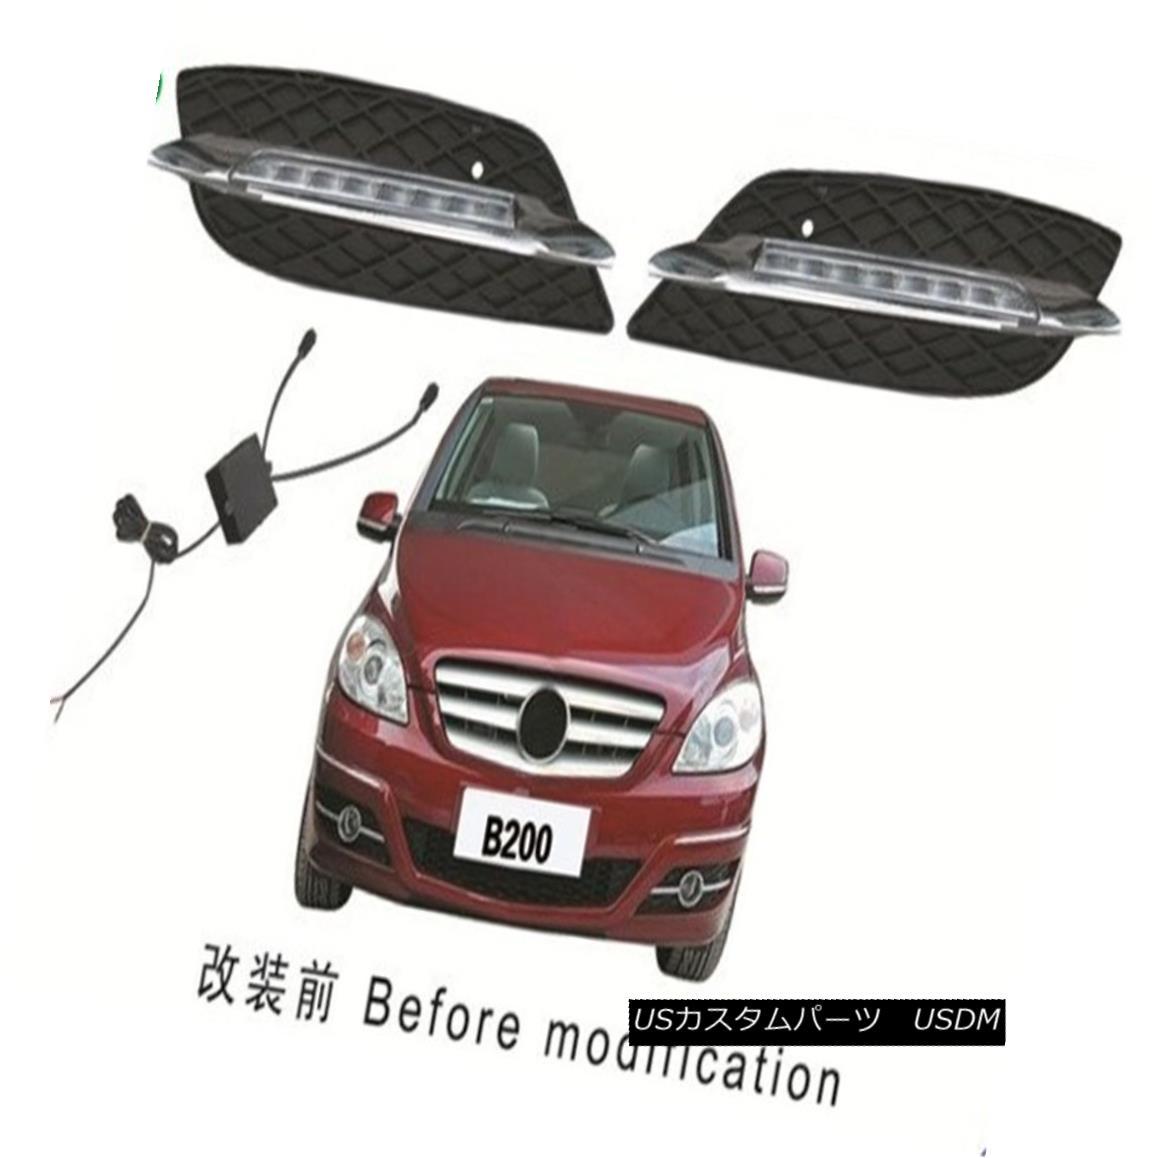 エアロパーツ DRL For Benz W245 B150 B170 B180 B200 2009-2010 LED Daytime Running Light DRL用ベンツW245 B150 B170 B180 B200 2009-2010 LEDデイタイムランニングライト